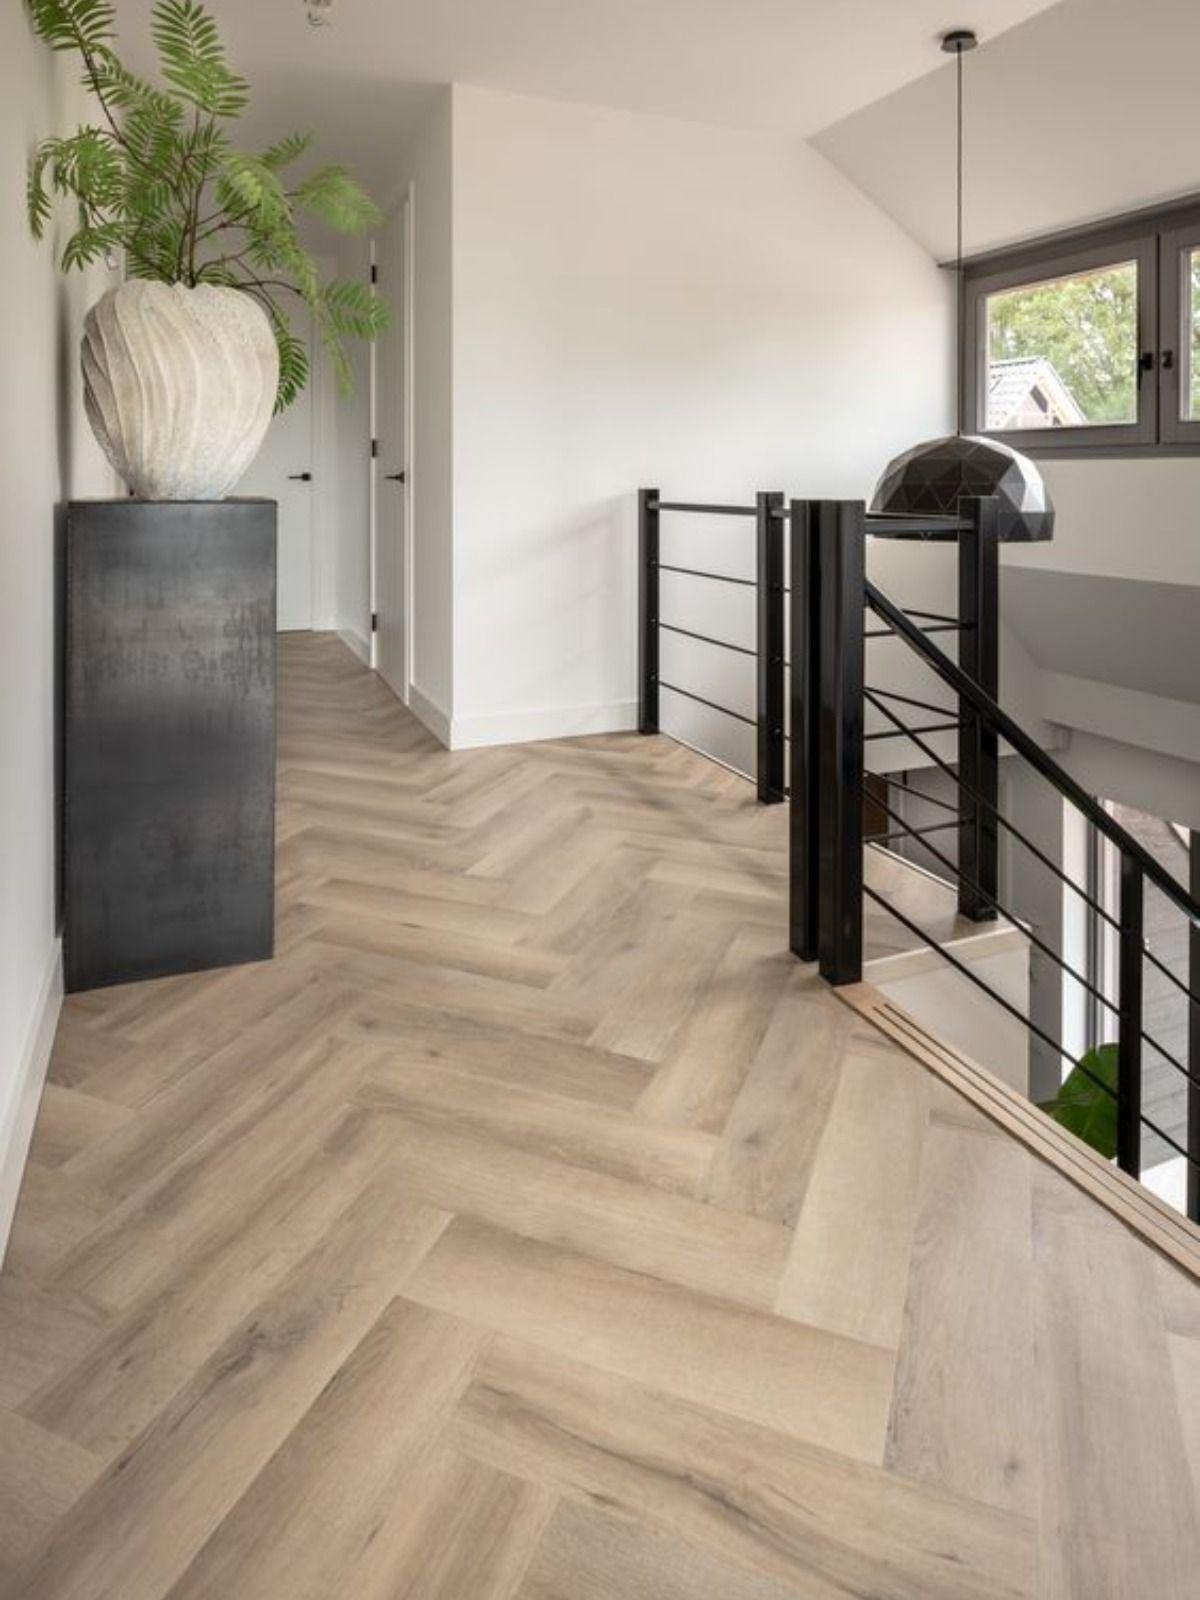 #martijndewitvloeren #vloerinspiratie #mooievloer #houtenvloer #vloeren #mooievloeren #interieur #design #hout #designlovers #designlife #pvcvloer #vloer #vloeren #vloerbedekking #visgraatpvc  #myhome #interiors #interiorstyling #homedecor #interiordecor #eikenvloer #houtenvloeren #interieurontwerp #interieur #interieurinspi #interiordesign #interieurarchitect #woondecoratie #interieur #interieurinspiratie #styling #myhometoinspire #homestyling #binnenkijken #interieuraddict